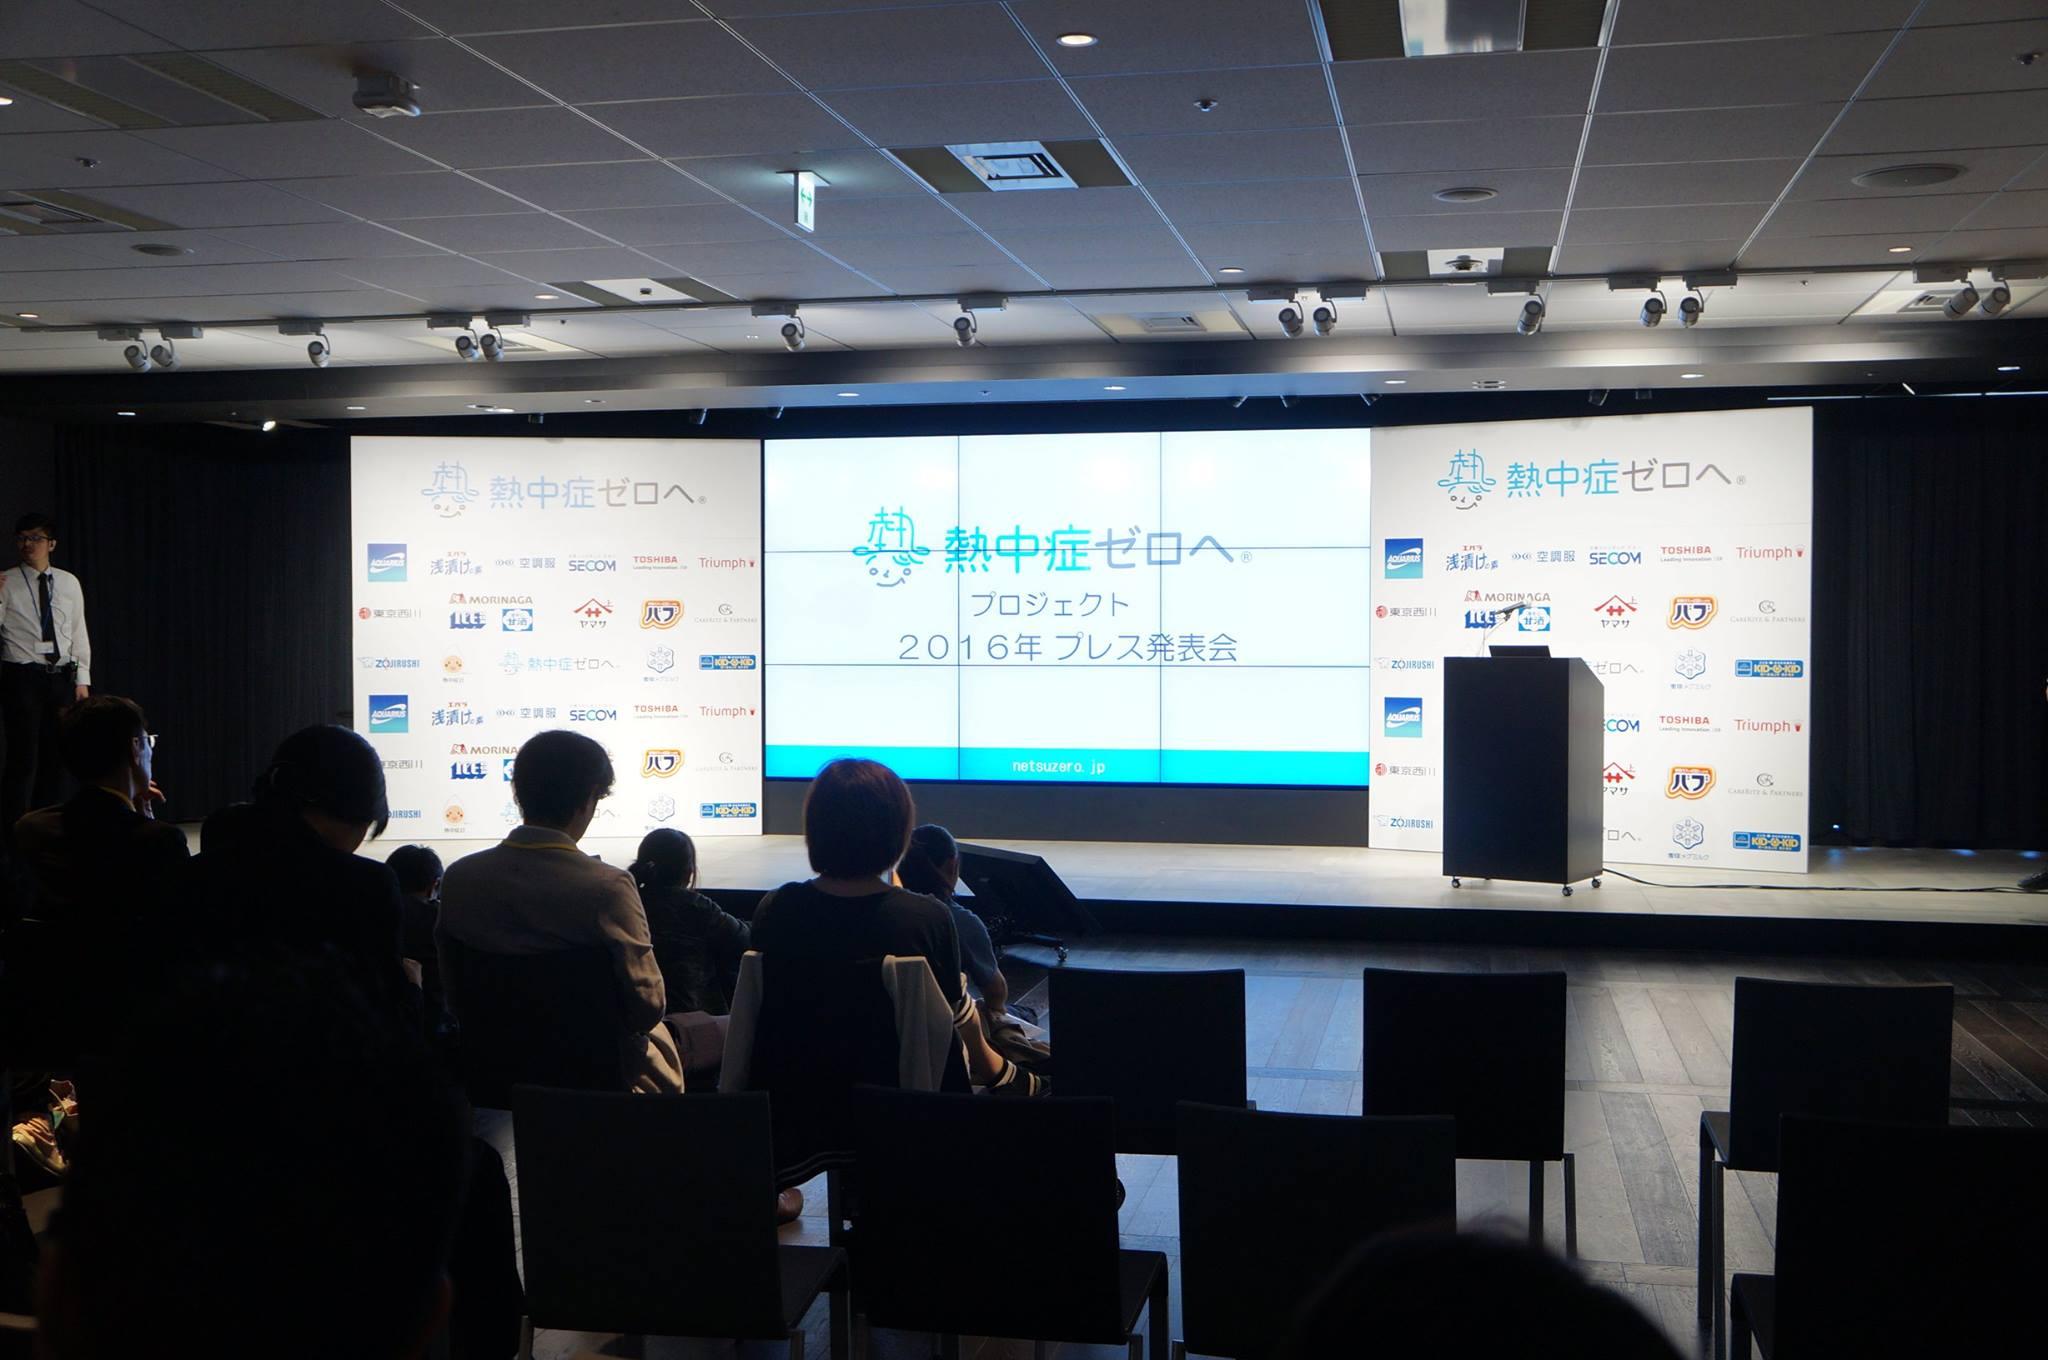 日本気象協会推進「熱中症をゼロへ(R)」プレス発表会が開催されました